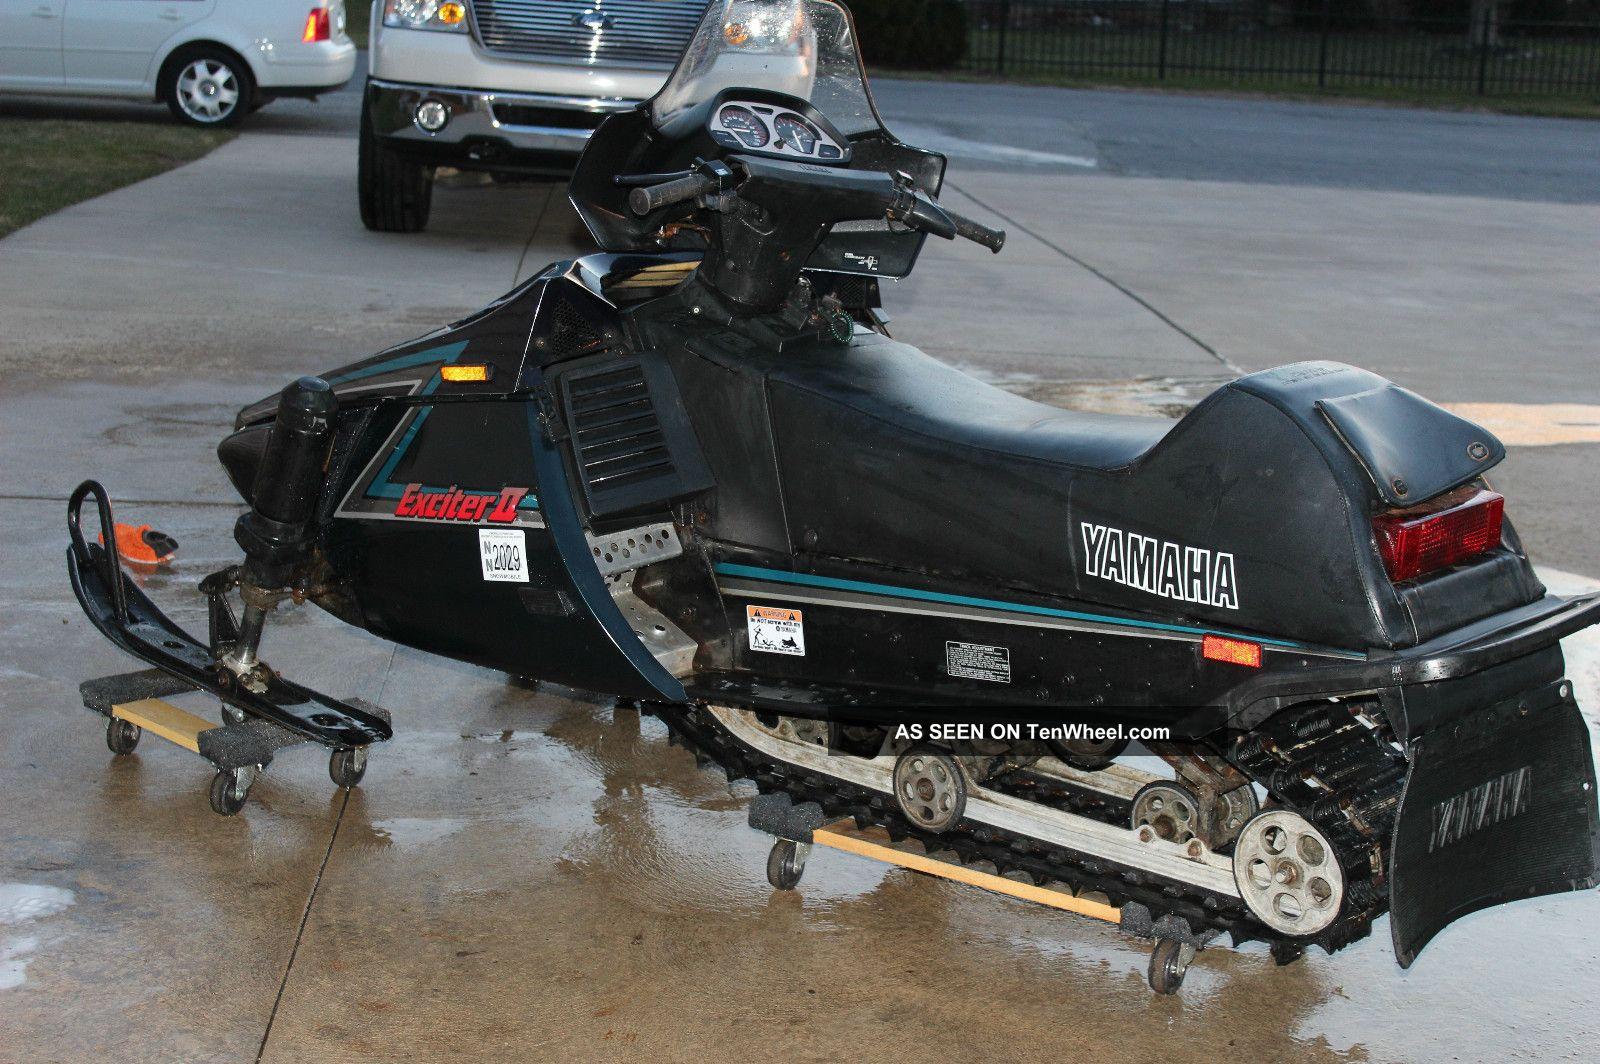 Yamaha Exciter Snowmobile